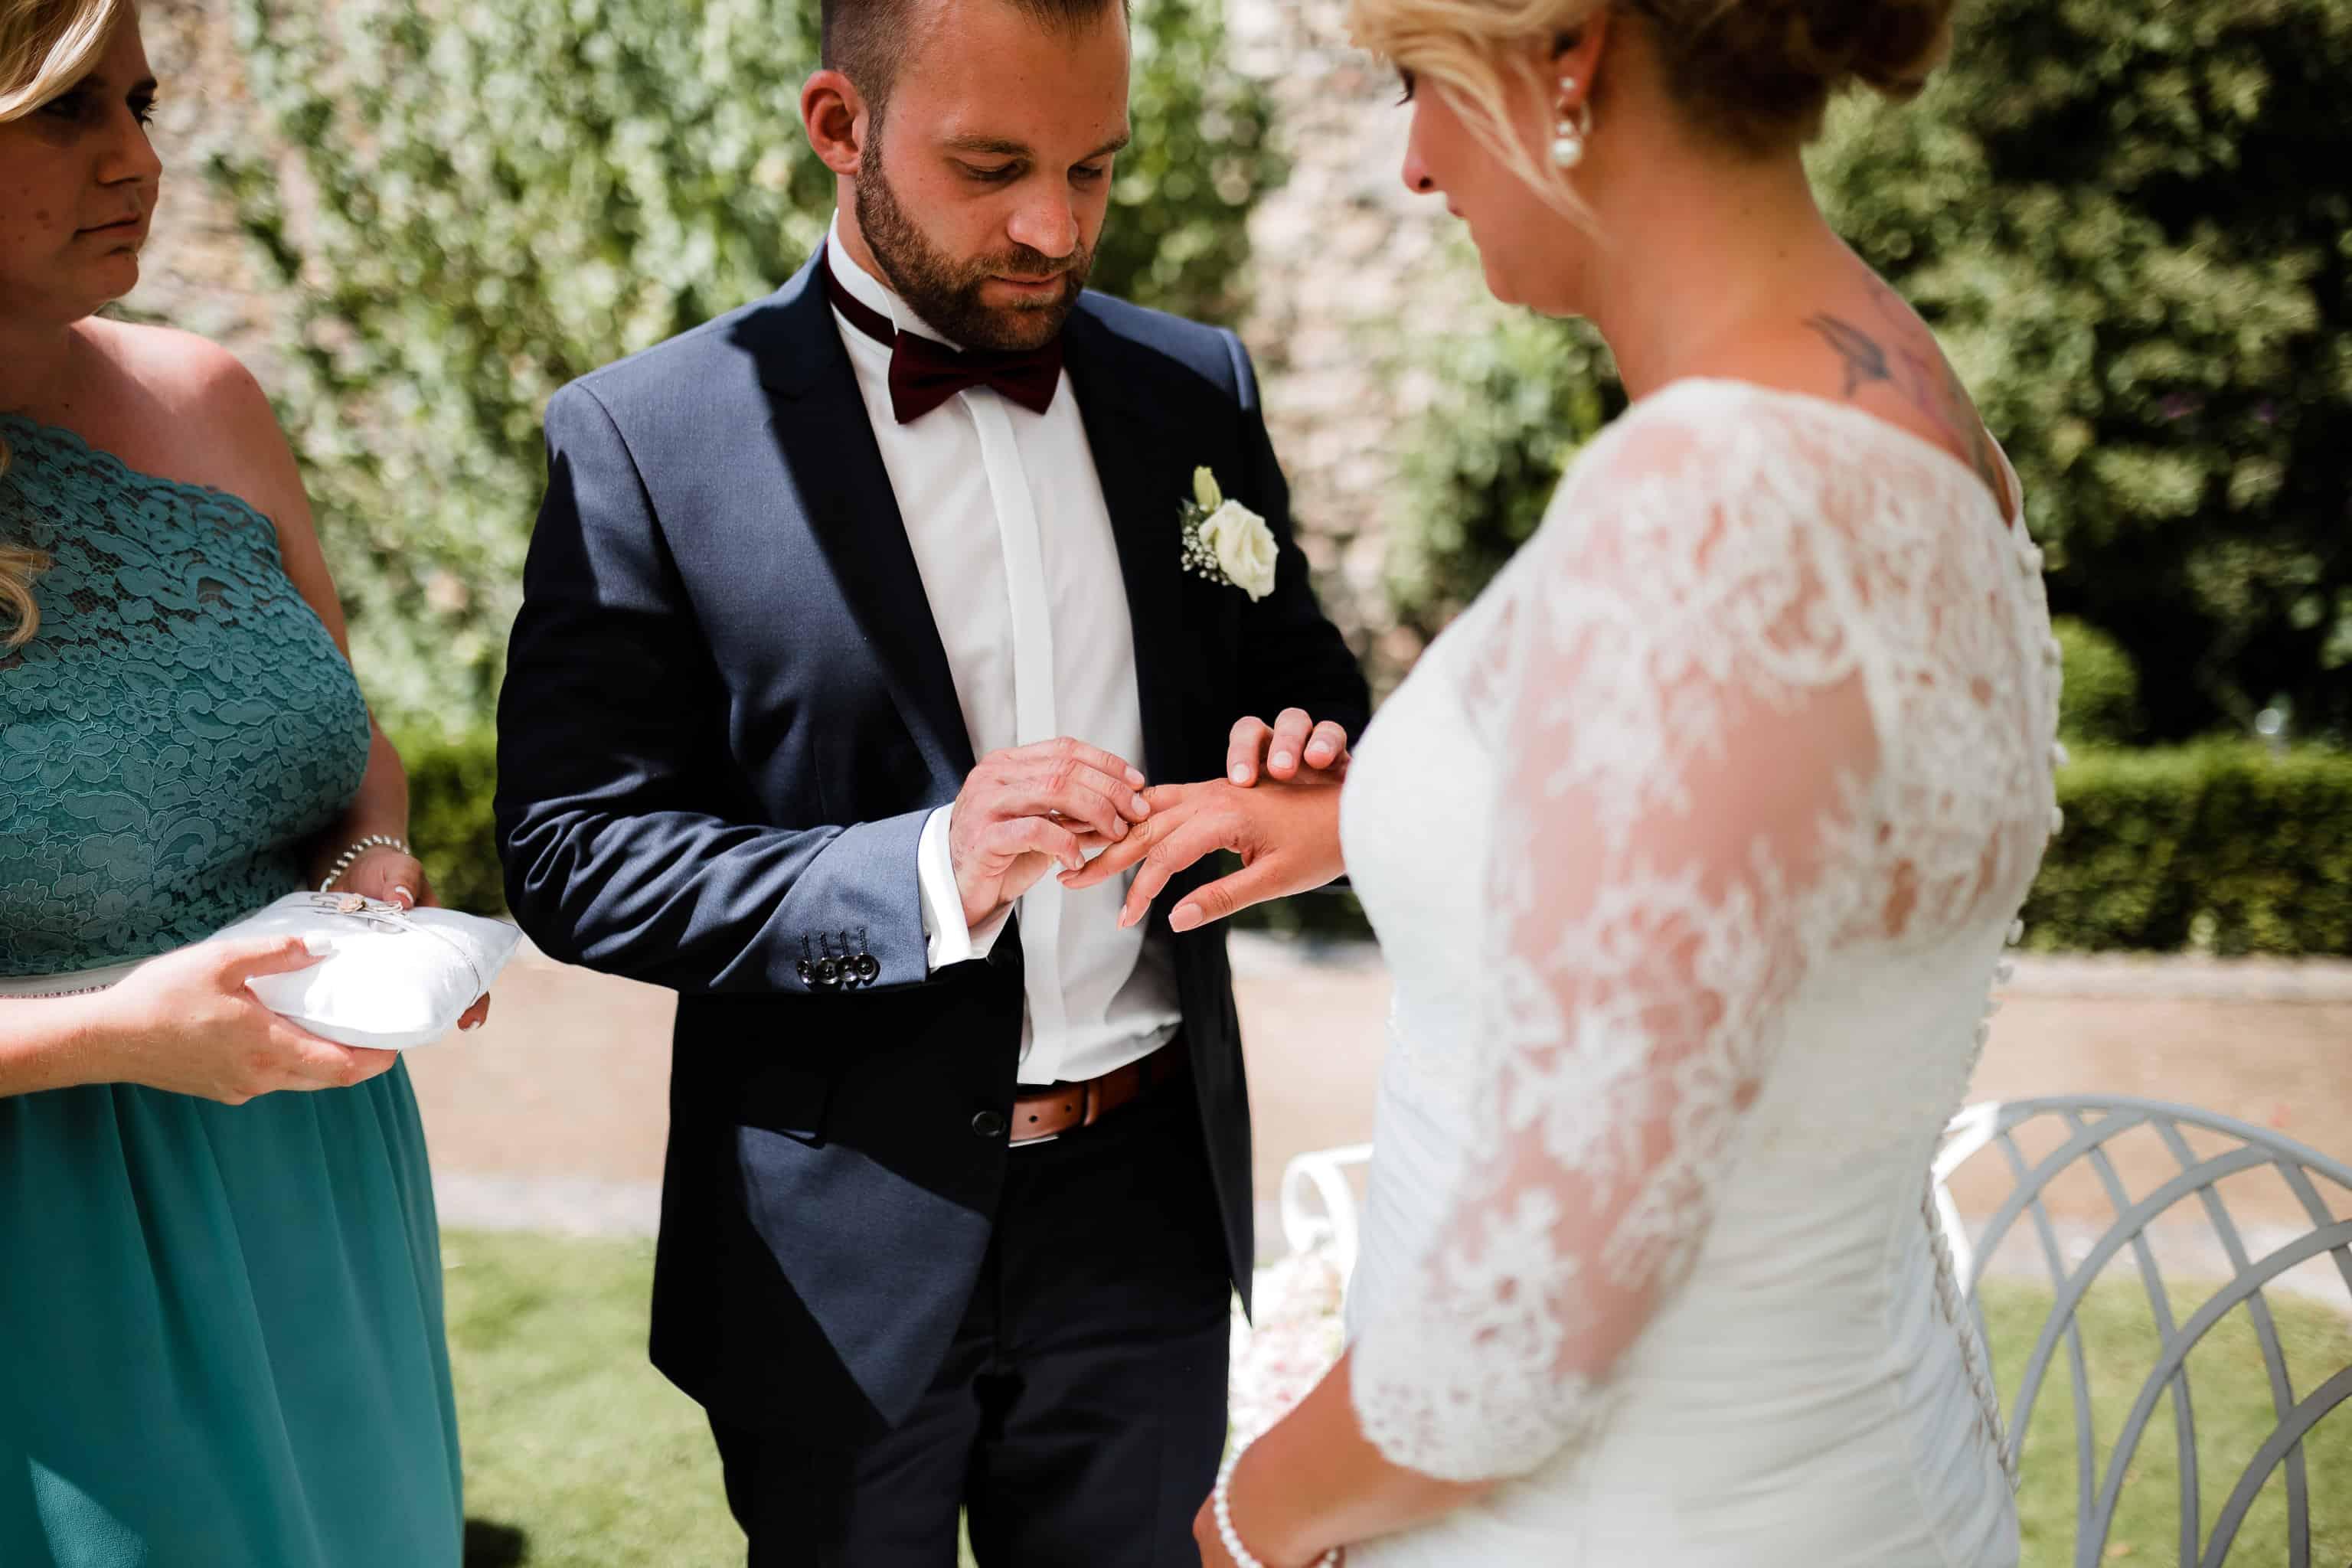 Als Hochzeitsfotograf immer ein schönes Motiv: Oli steckt Fabienne den Ehering an